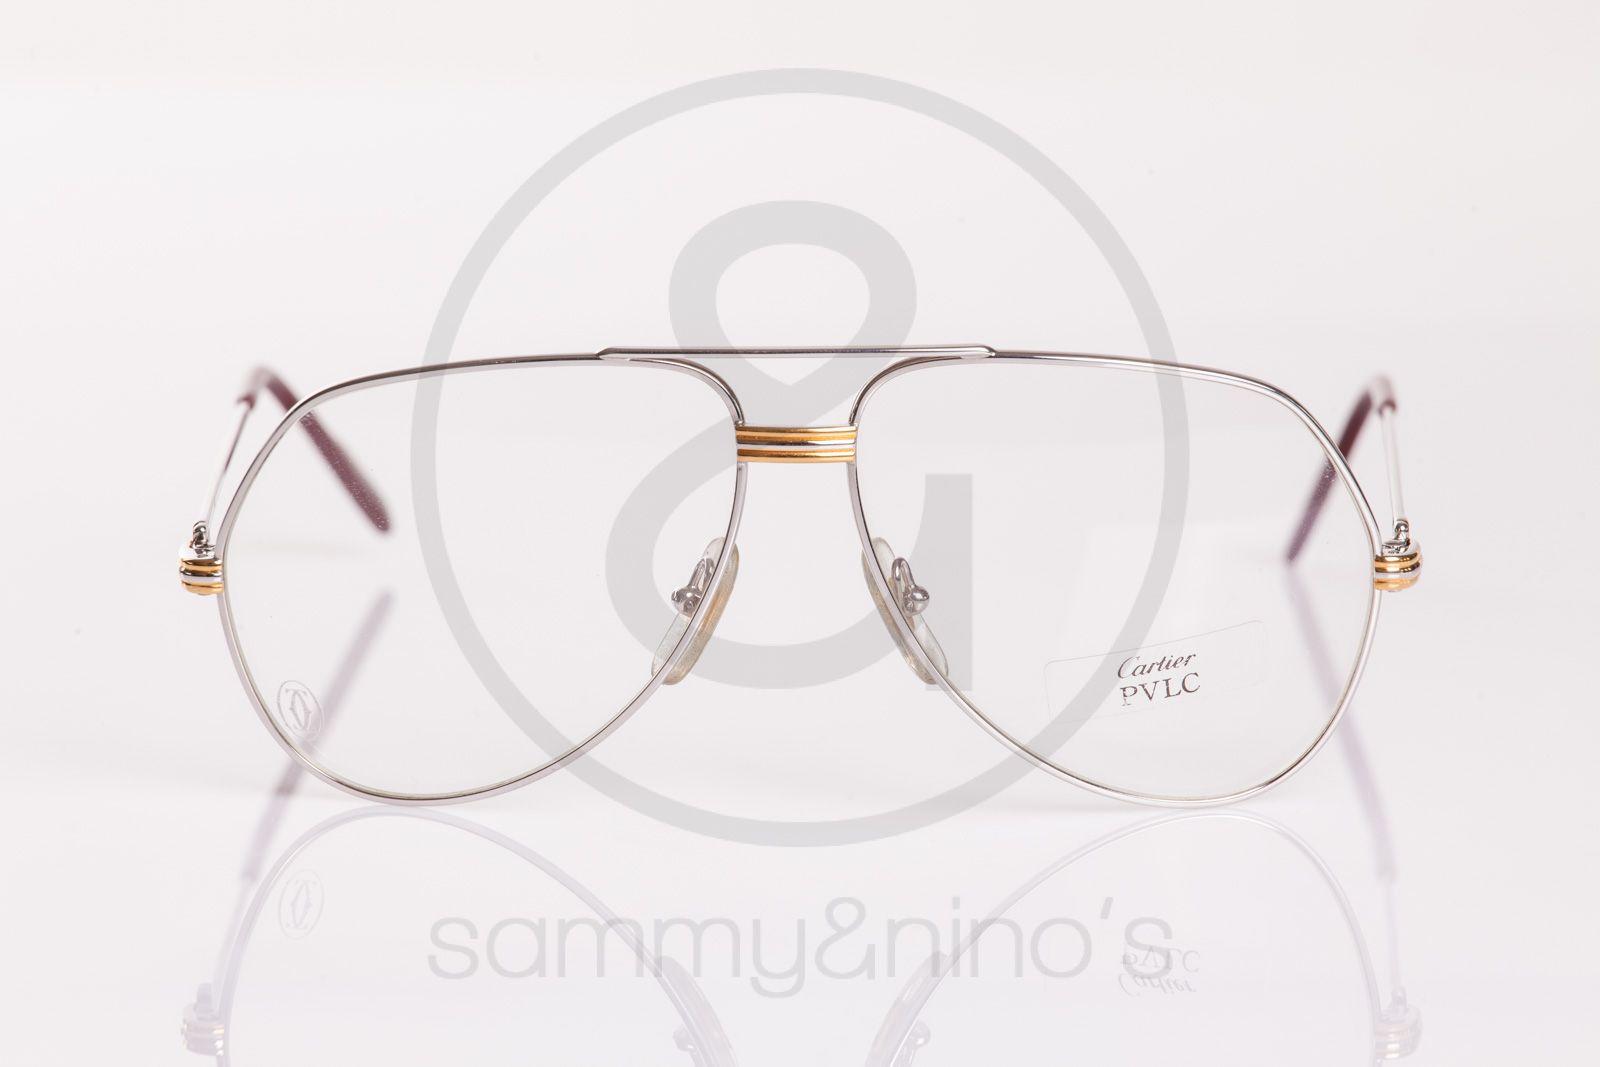 a84749f05bc4 Cartier Vendome platinum 59-12